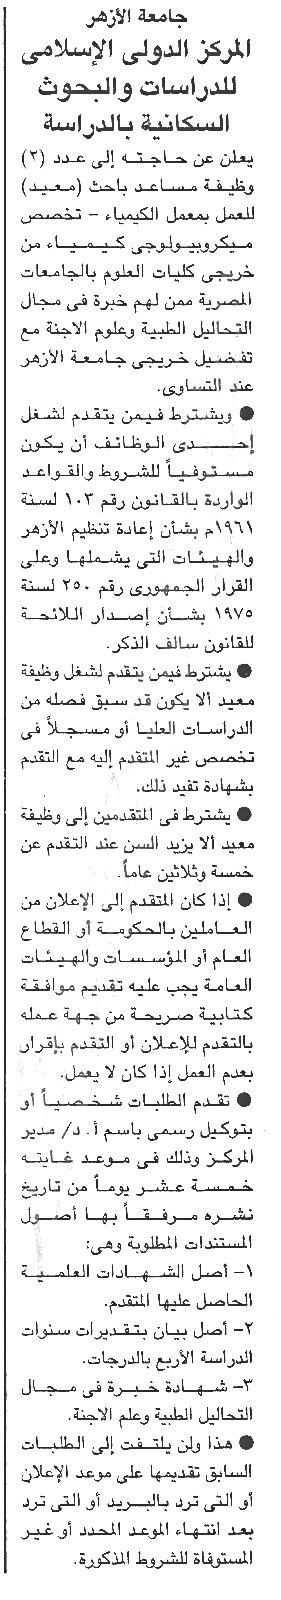 خالية ووظائف صحف مصر 31 اغسطس 2013 وظائف جريدة الجمهورية المصرية اليوم السبت 31/8/2013